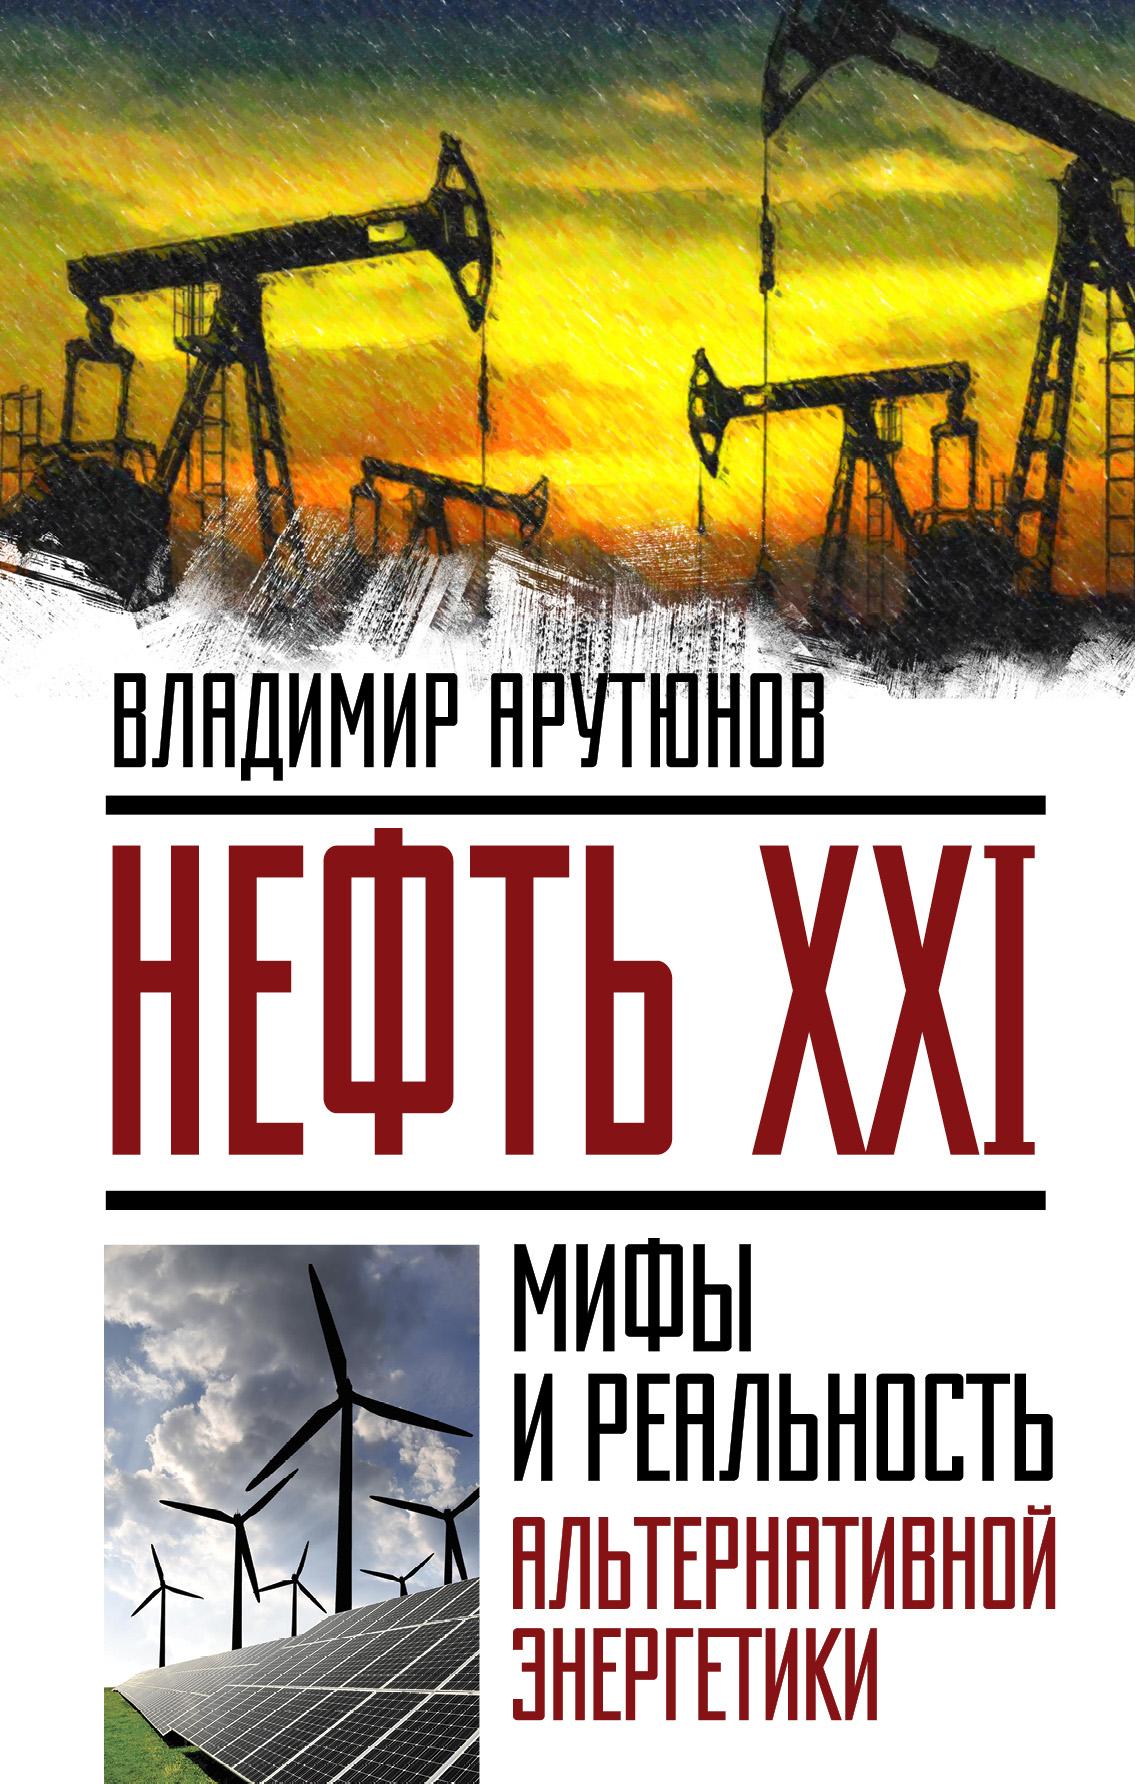 В. С. Арутюнов Нефть XXI. Мифы и реальность альтернативной энергетики